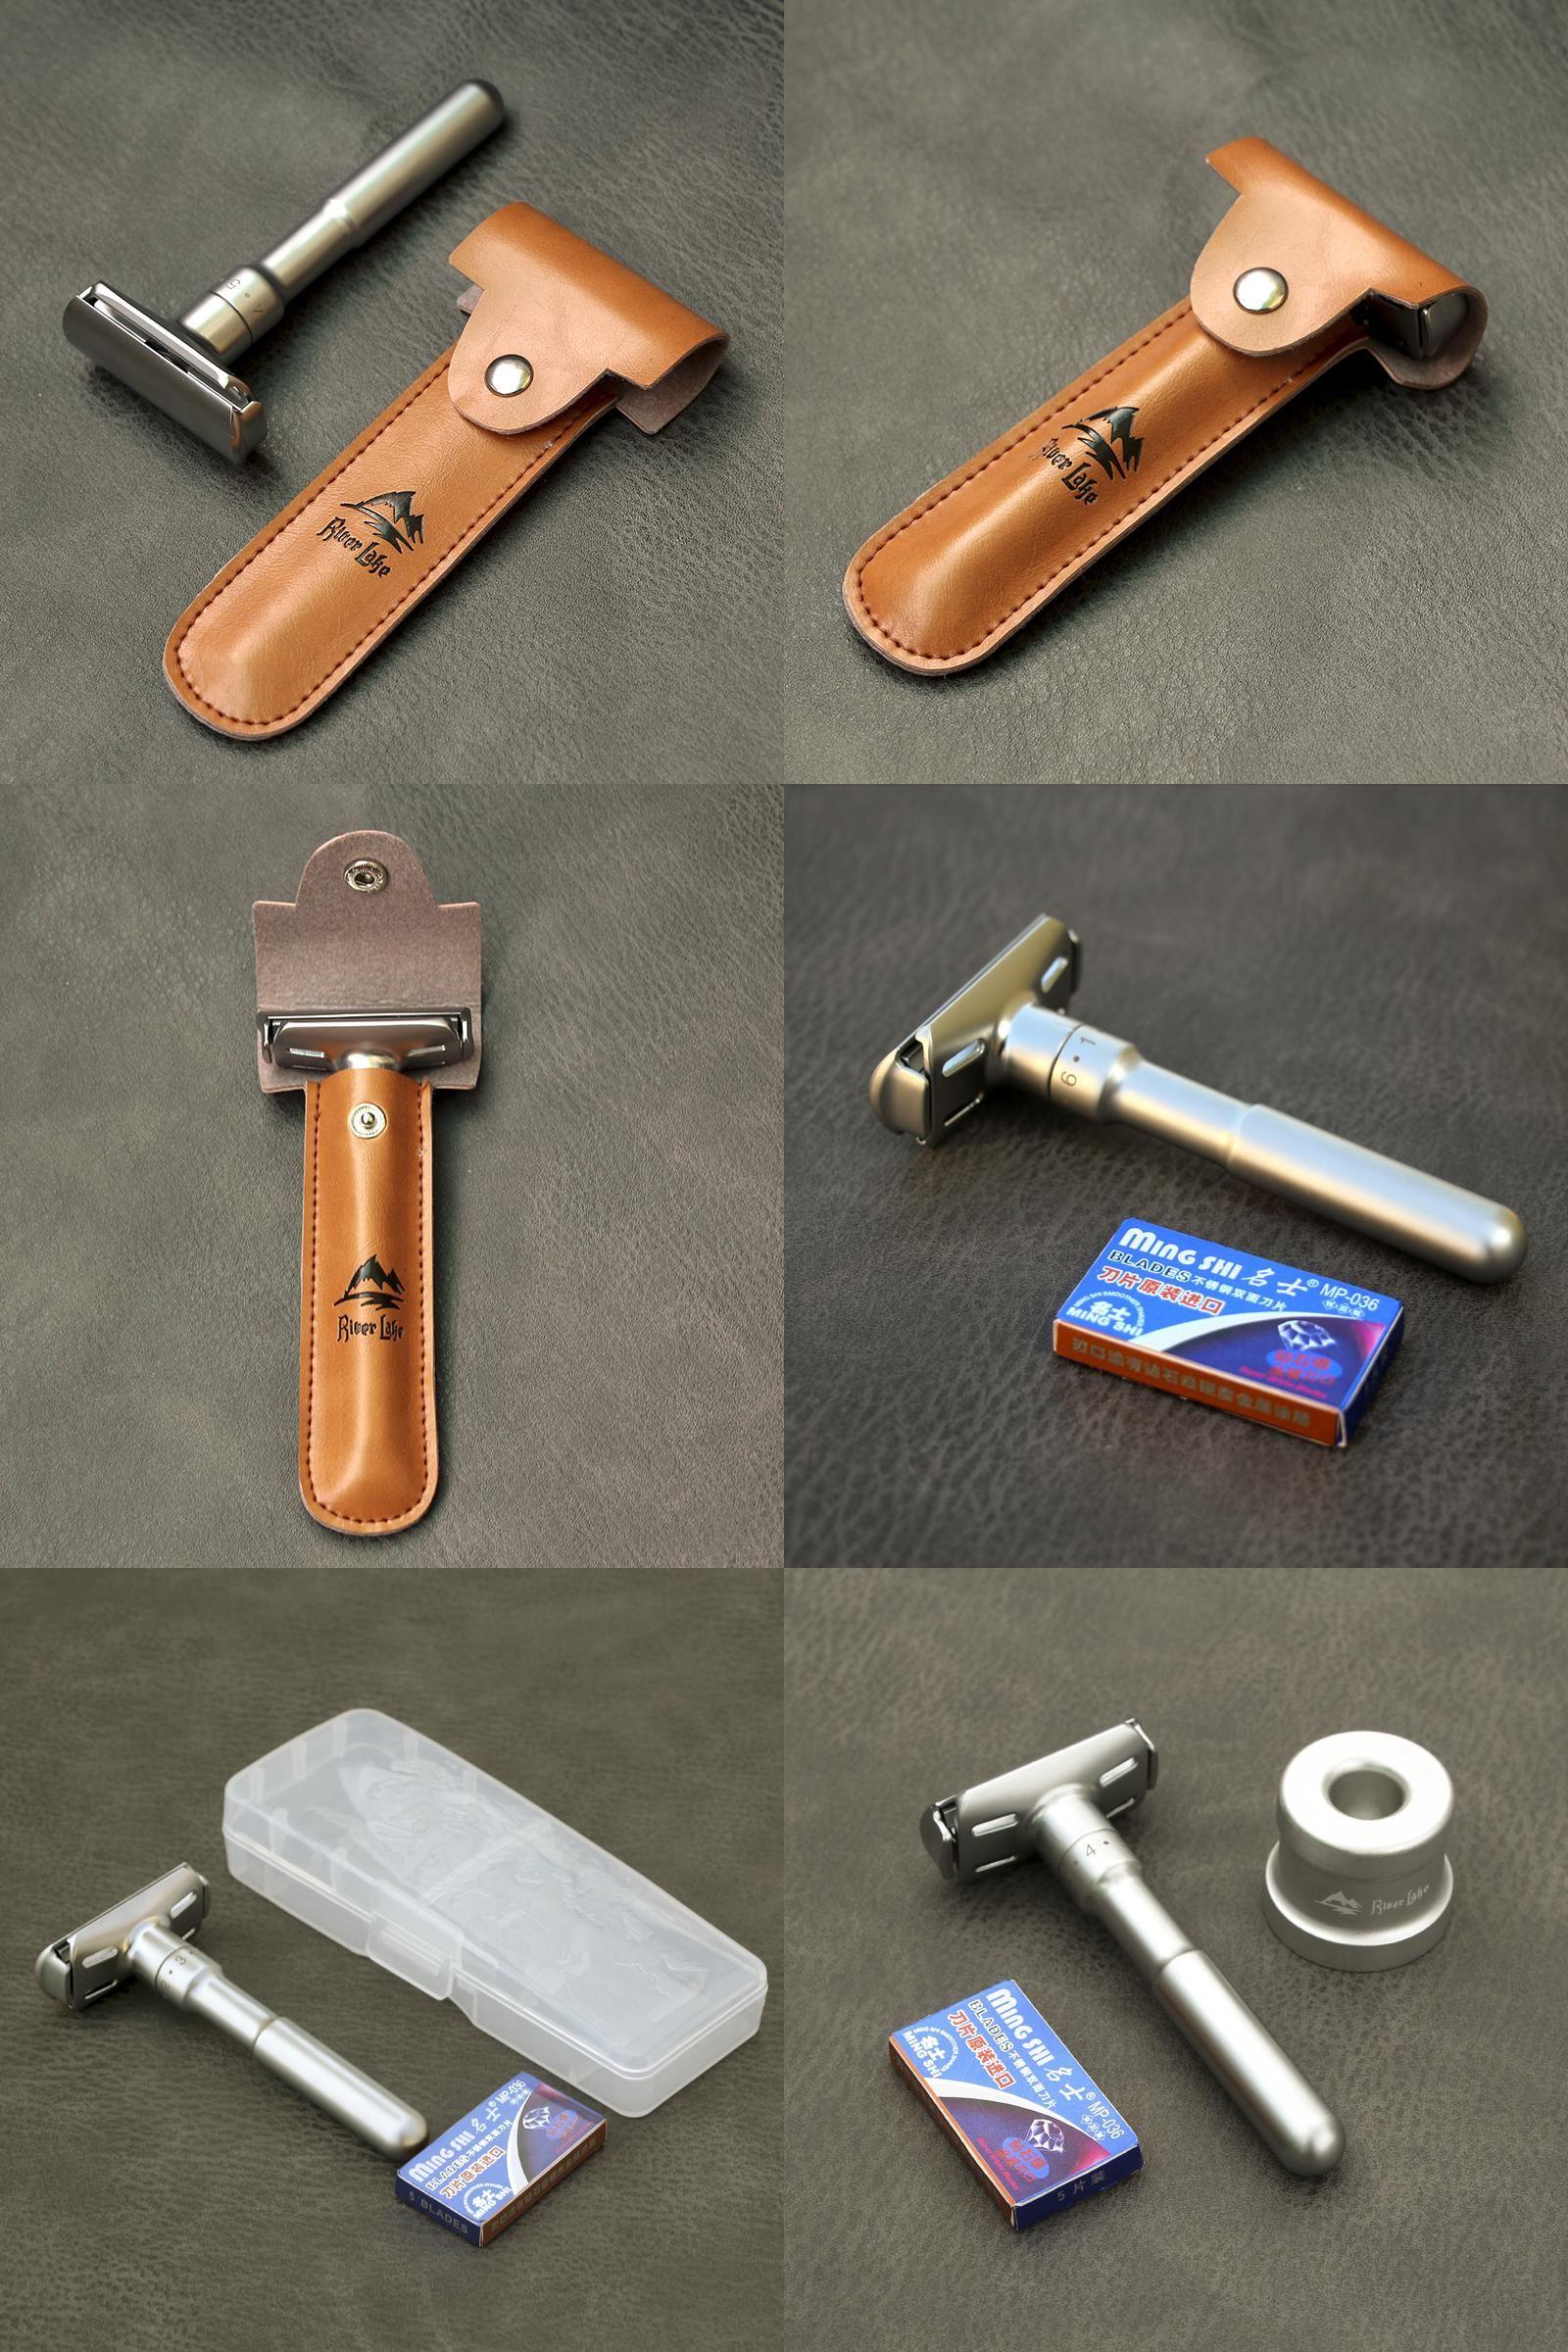 [Visit to Buy] Safety Razor straight razor For Men